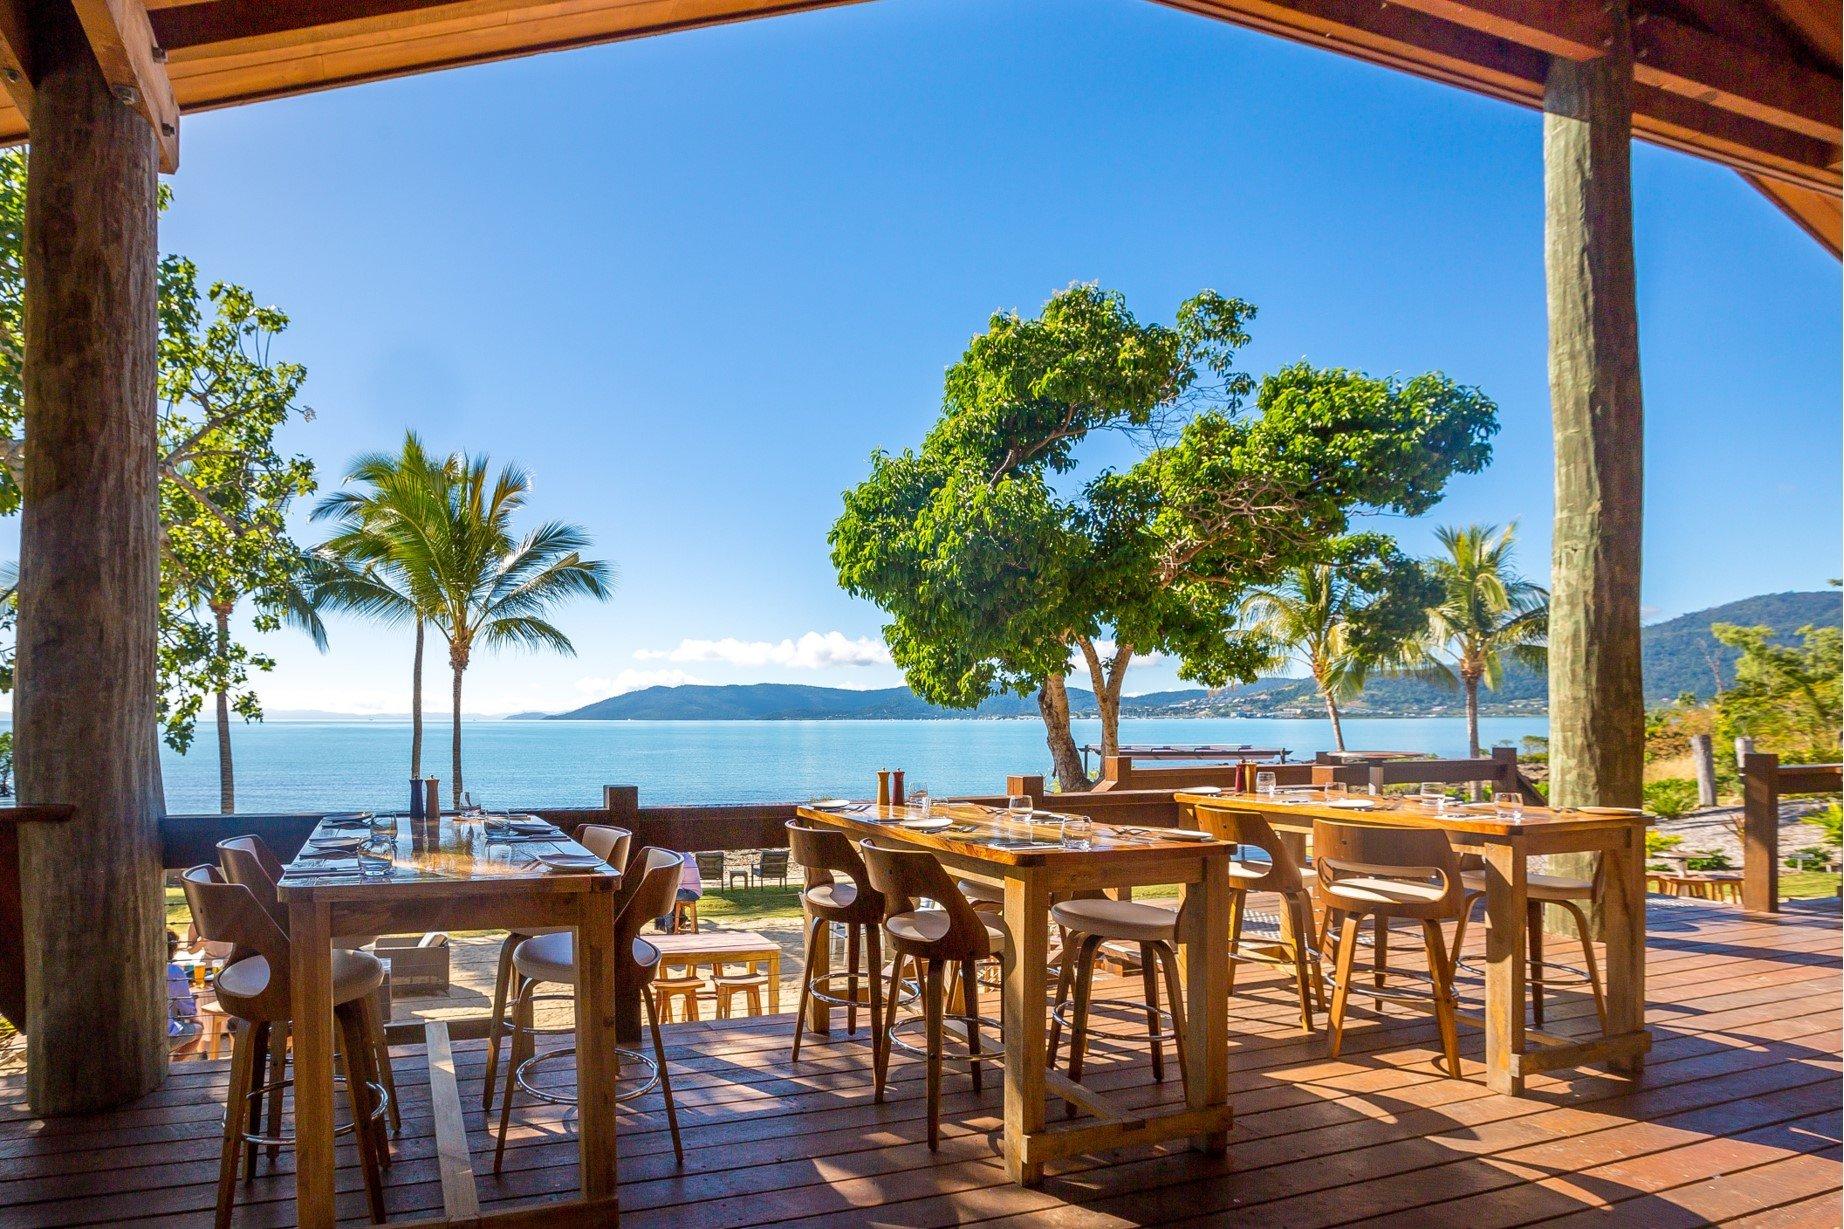 Things To Do in Australian, Restaurants in Australian